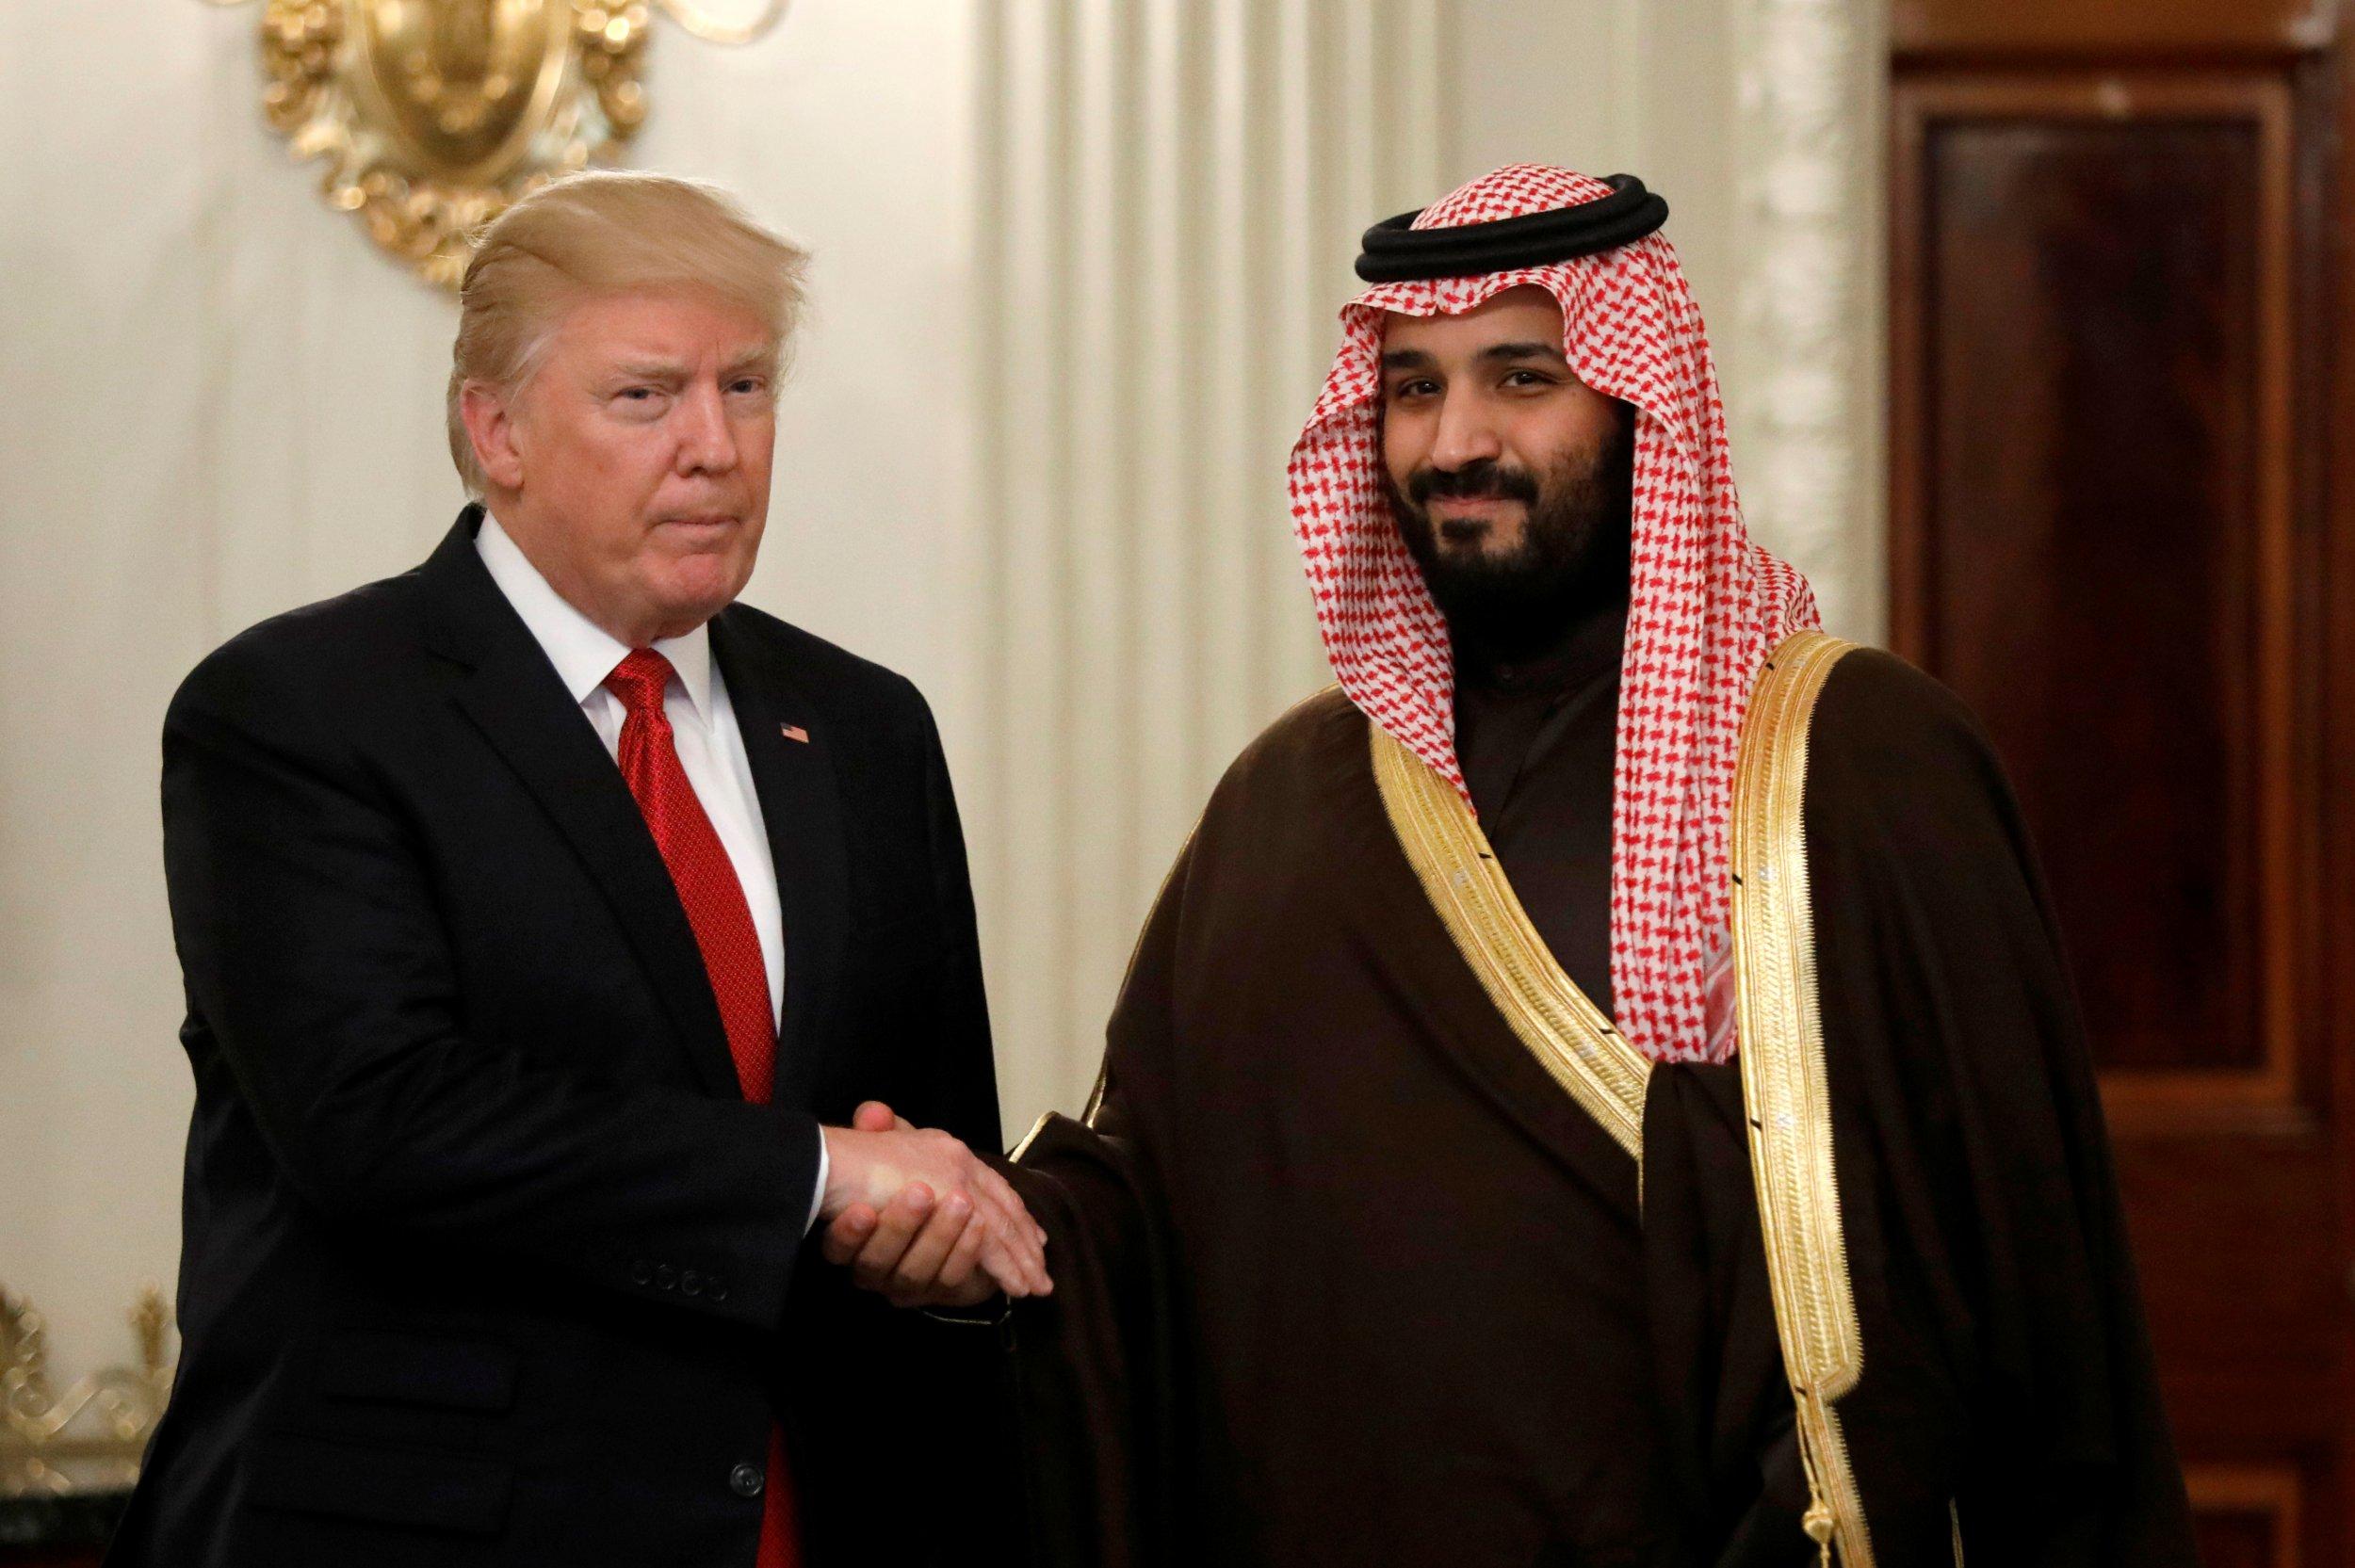 Donald Trump Mohammed bin Salman